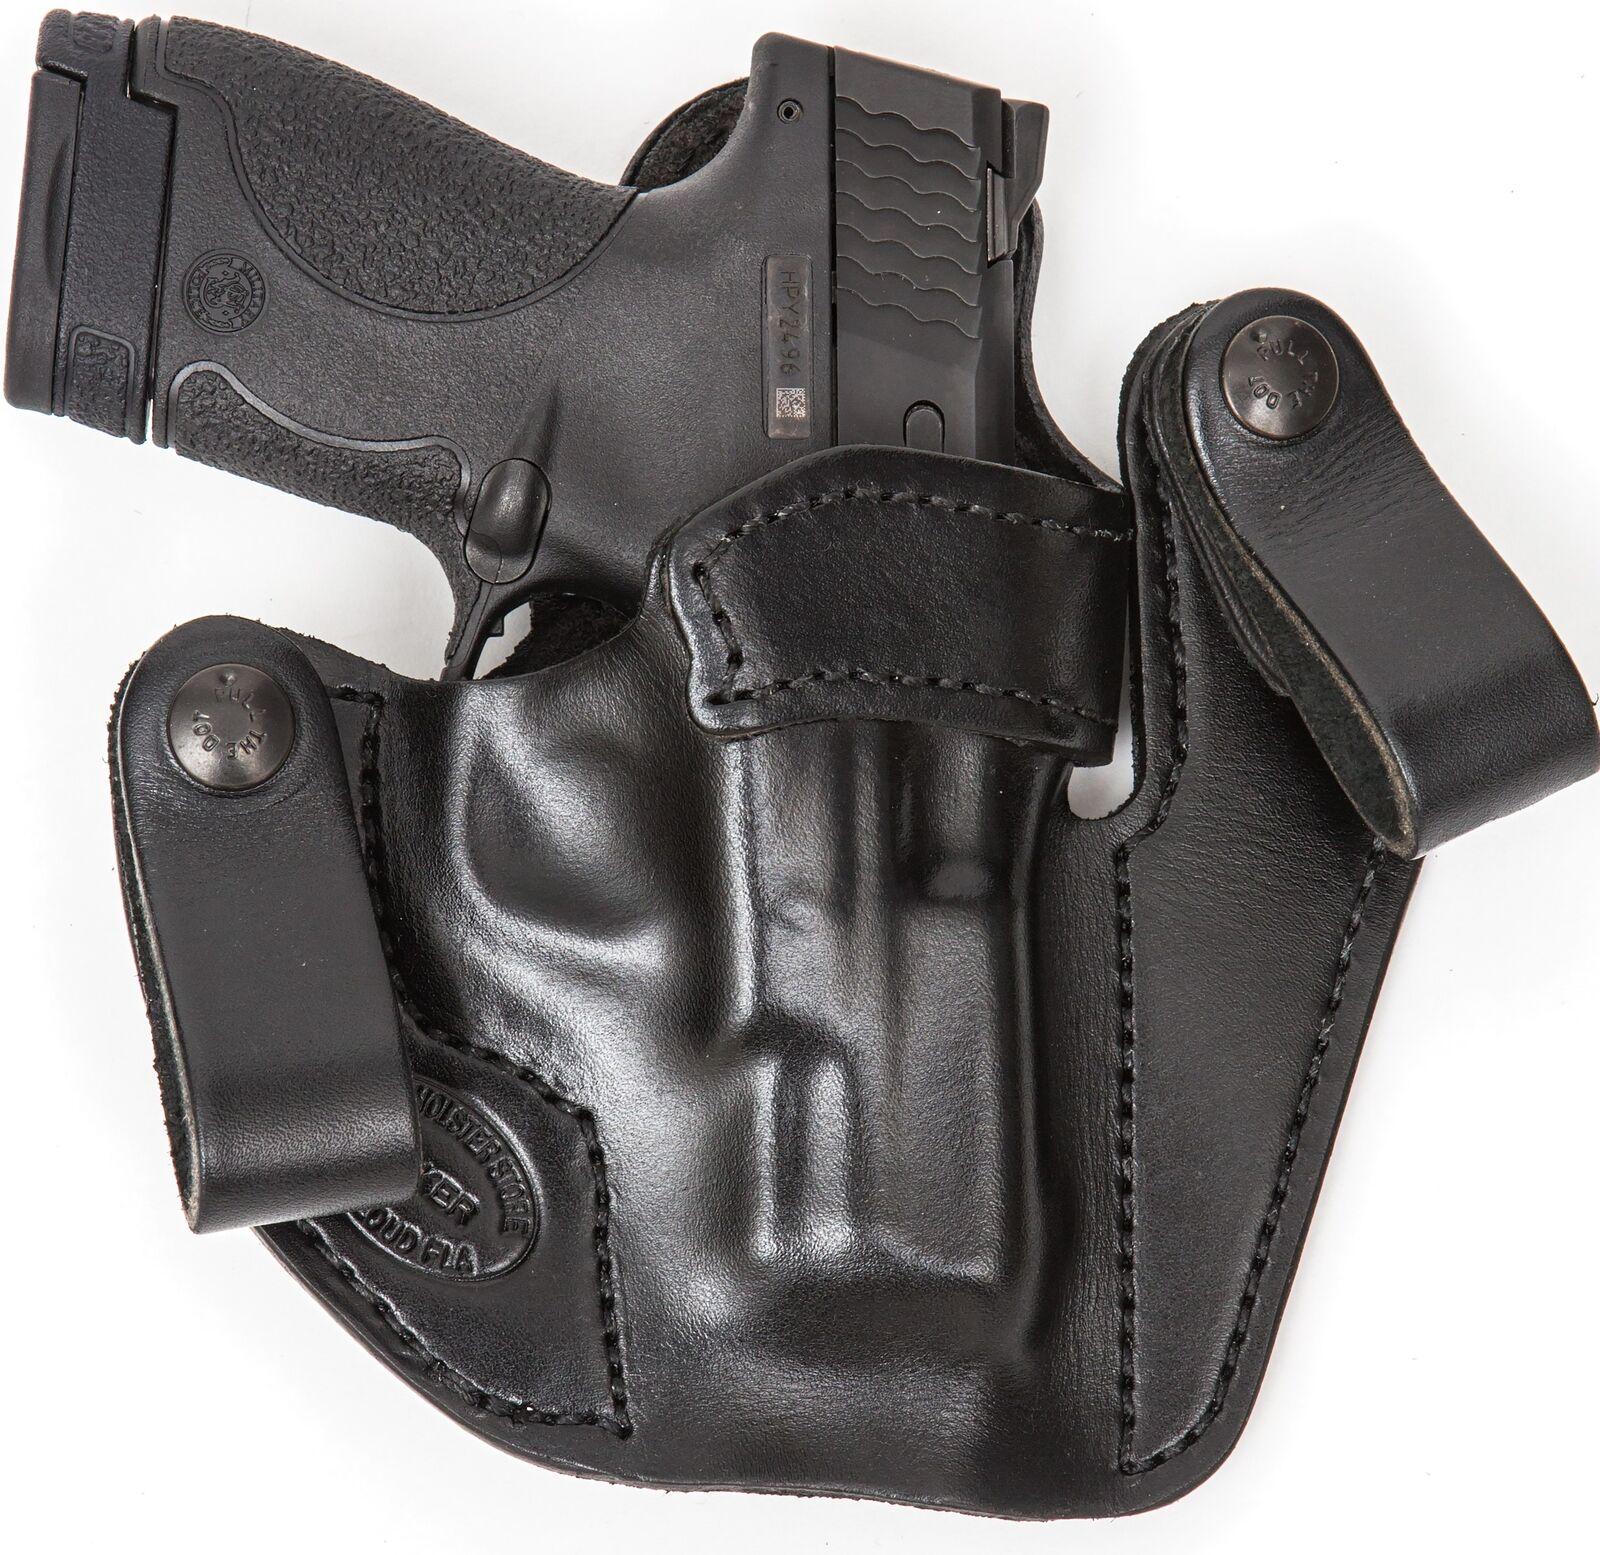 XTREME llevar RH LH dentro de la cintura de cuero Funda Pistola para SIG P290 W láser de fábrica